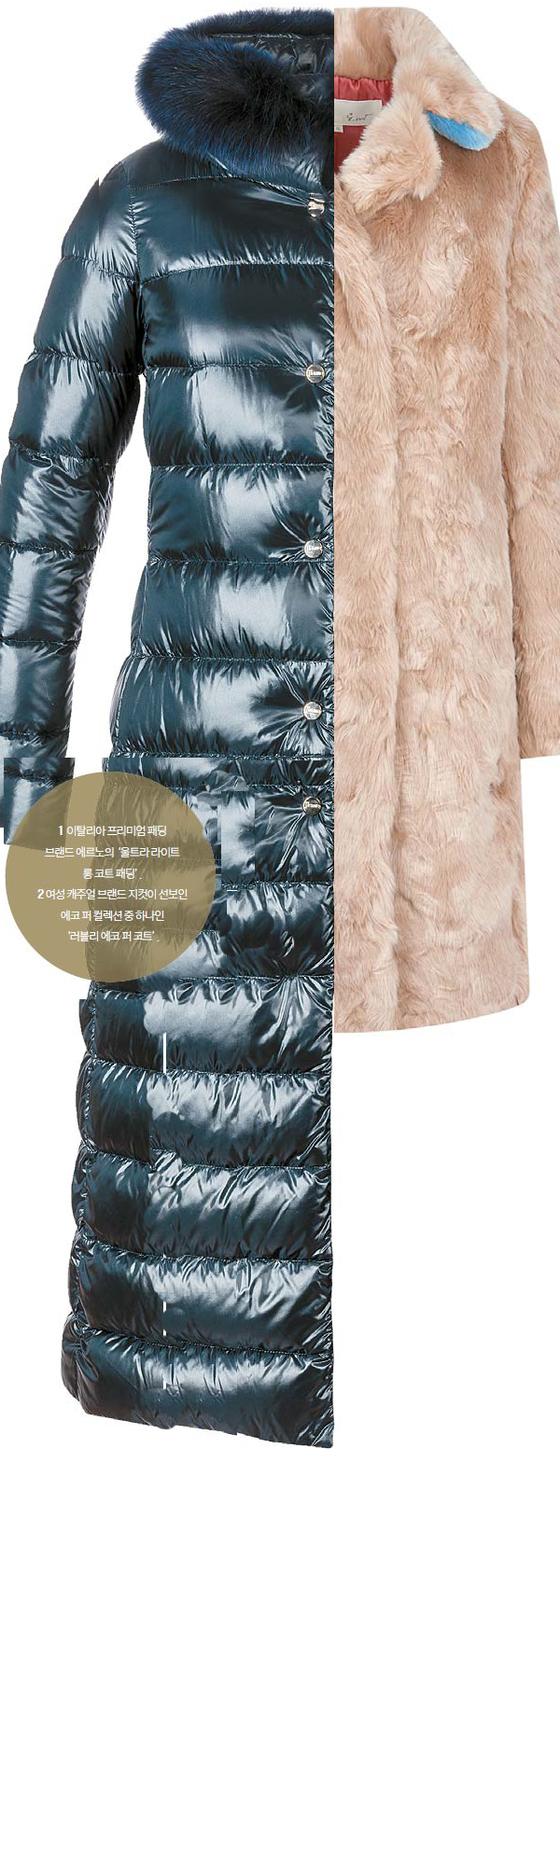 1. 이탈리아 프리미엄 패딩 브랜드 에르노의 '울트라 라이트 롱 코트 패딩'. 2 여성 캐주얼 브랜드 지컷이 선보인 에코 퍼 컬렉션 중 하나인 '러블리 에코 퍼 코트'.